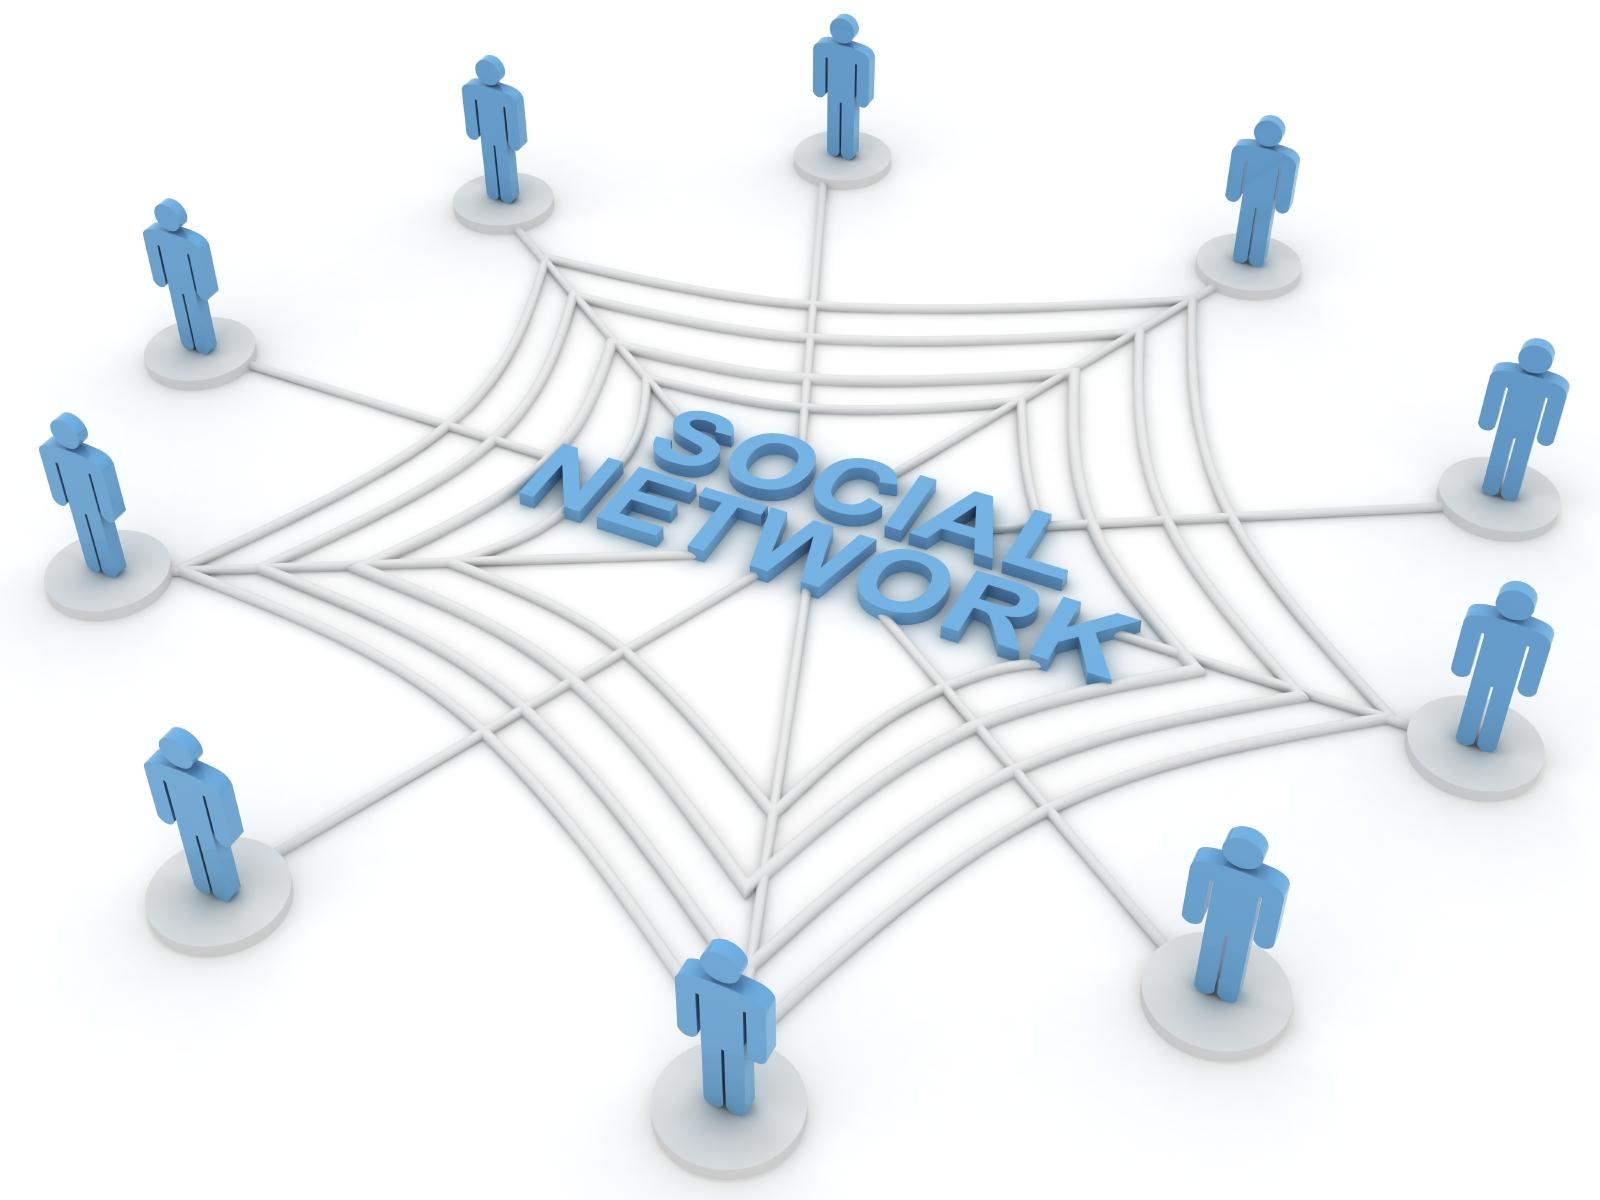 voglia di godere social network incontrissimi